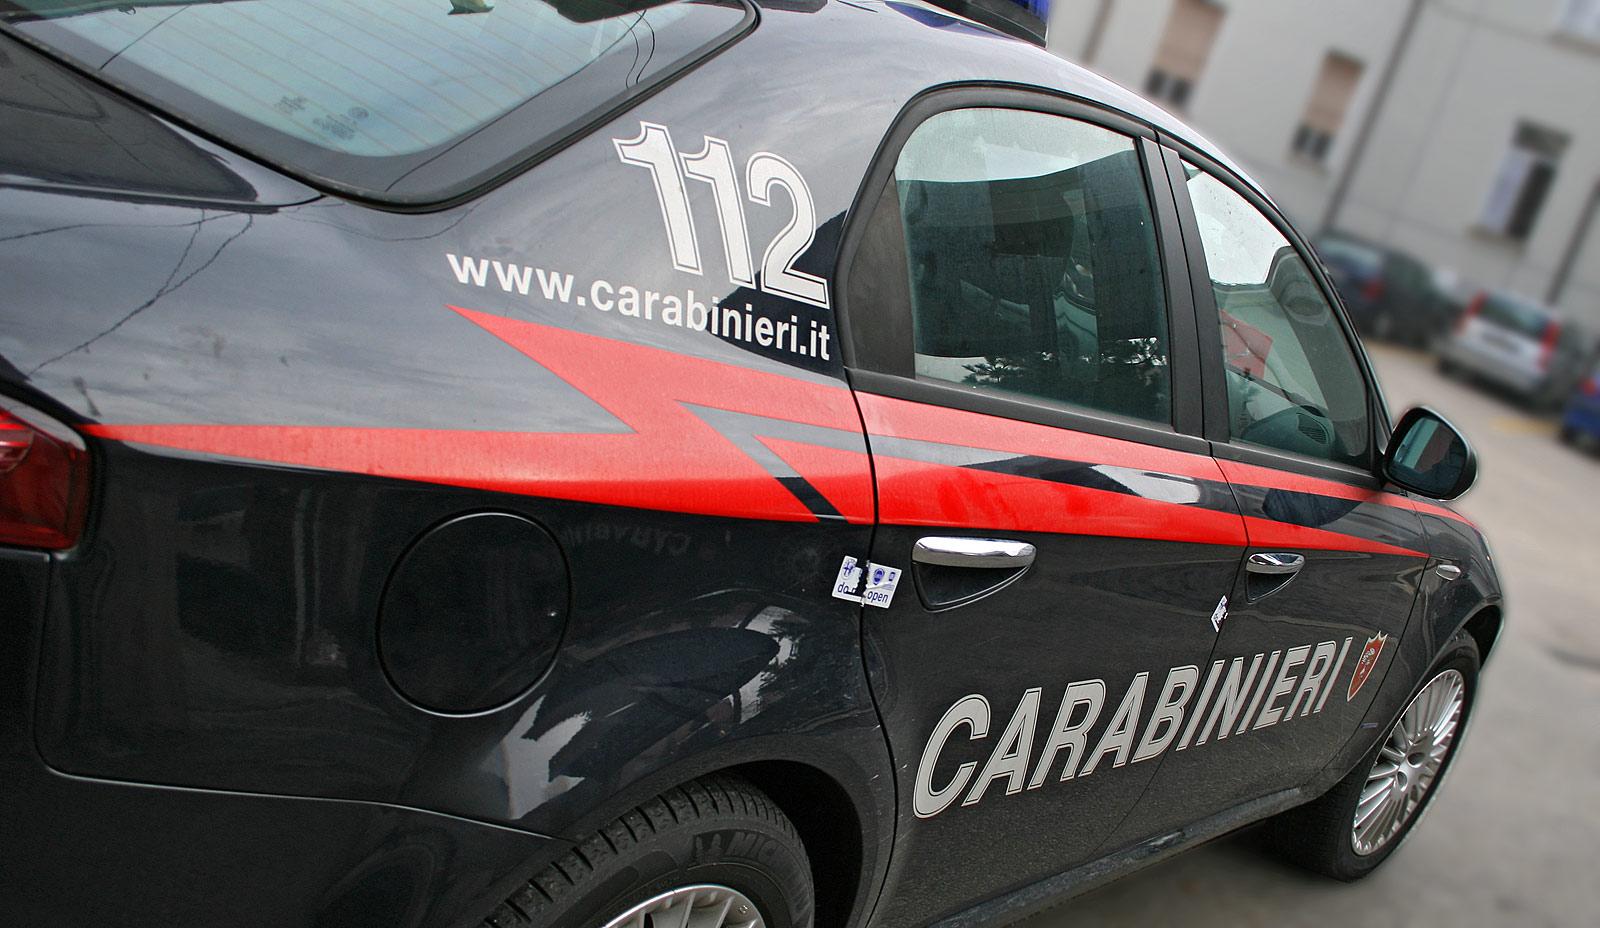 Traffico di droga Campania-Lombardia-Friuli Venezia Giulia: 6 arresti